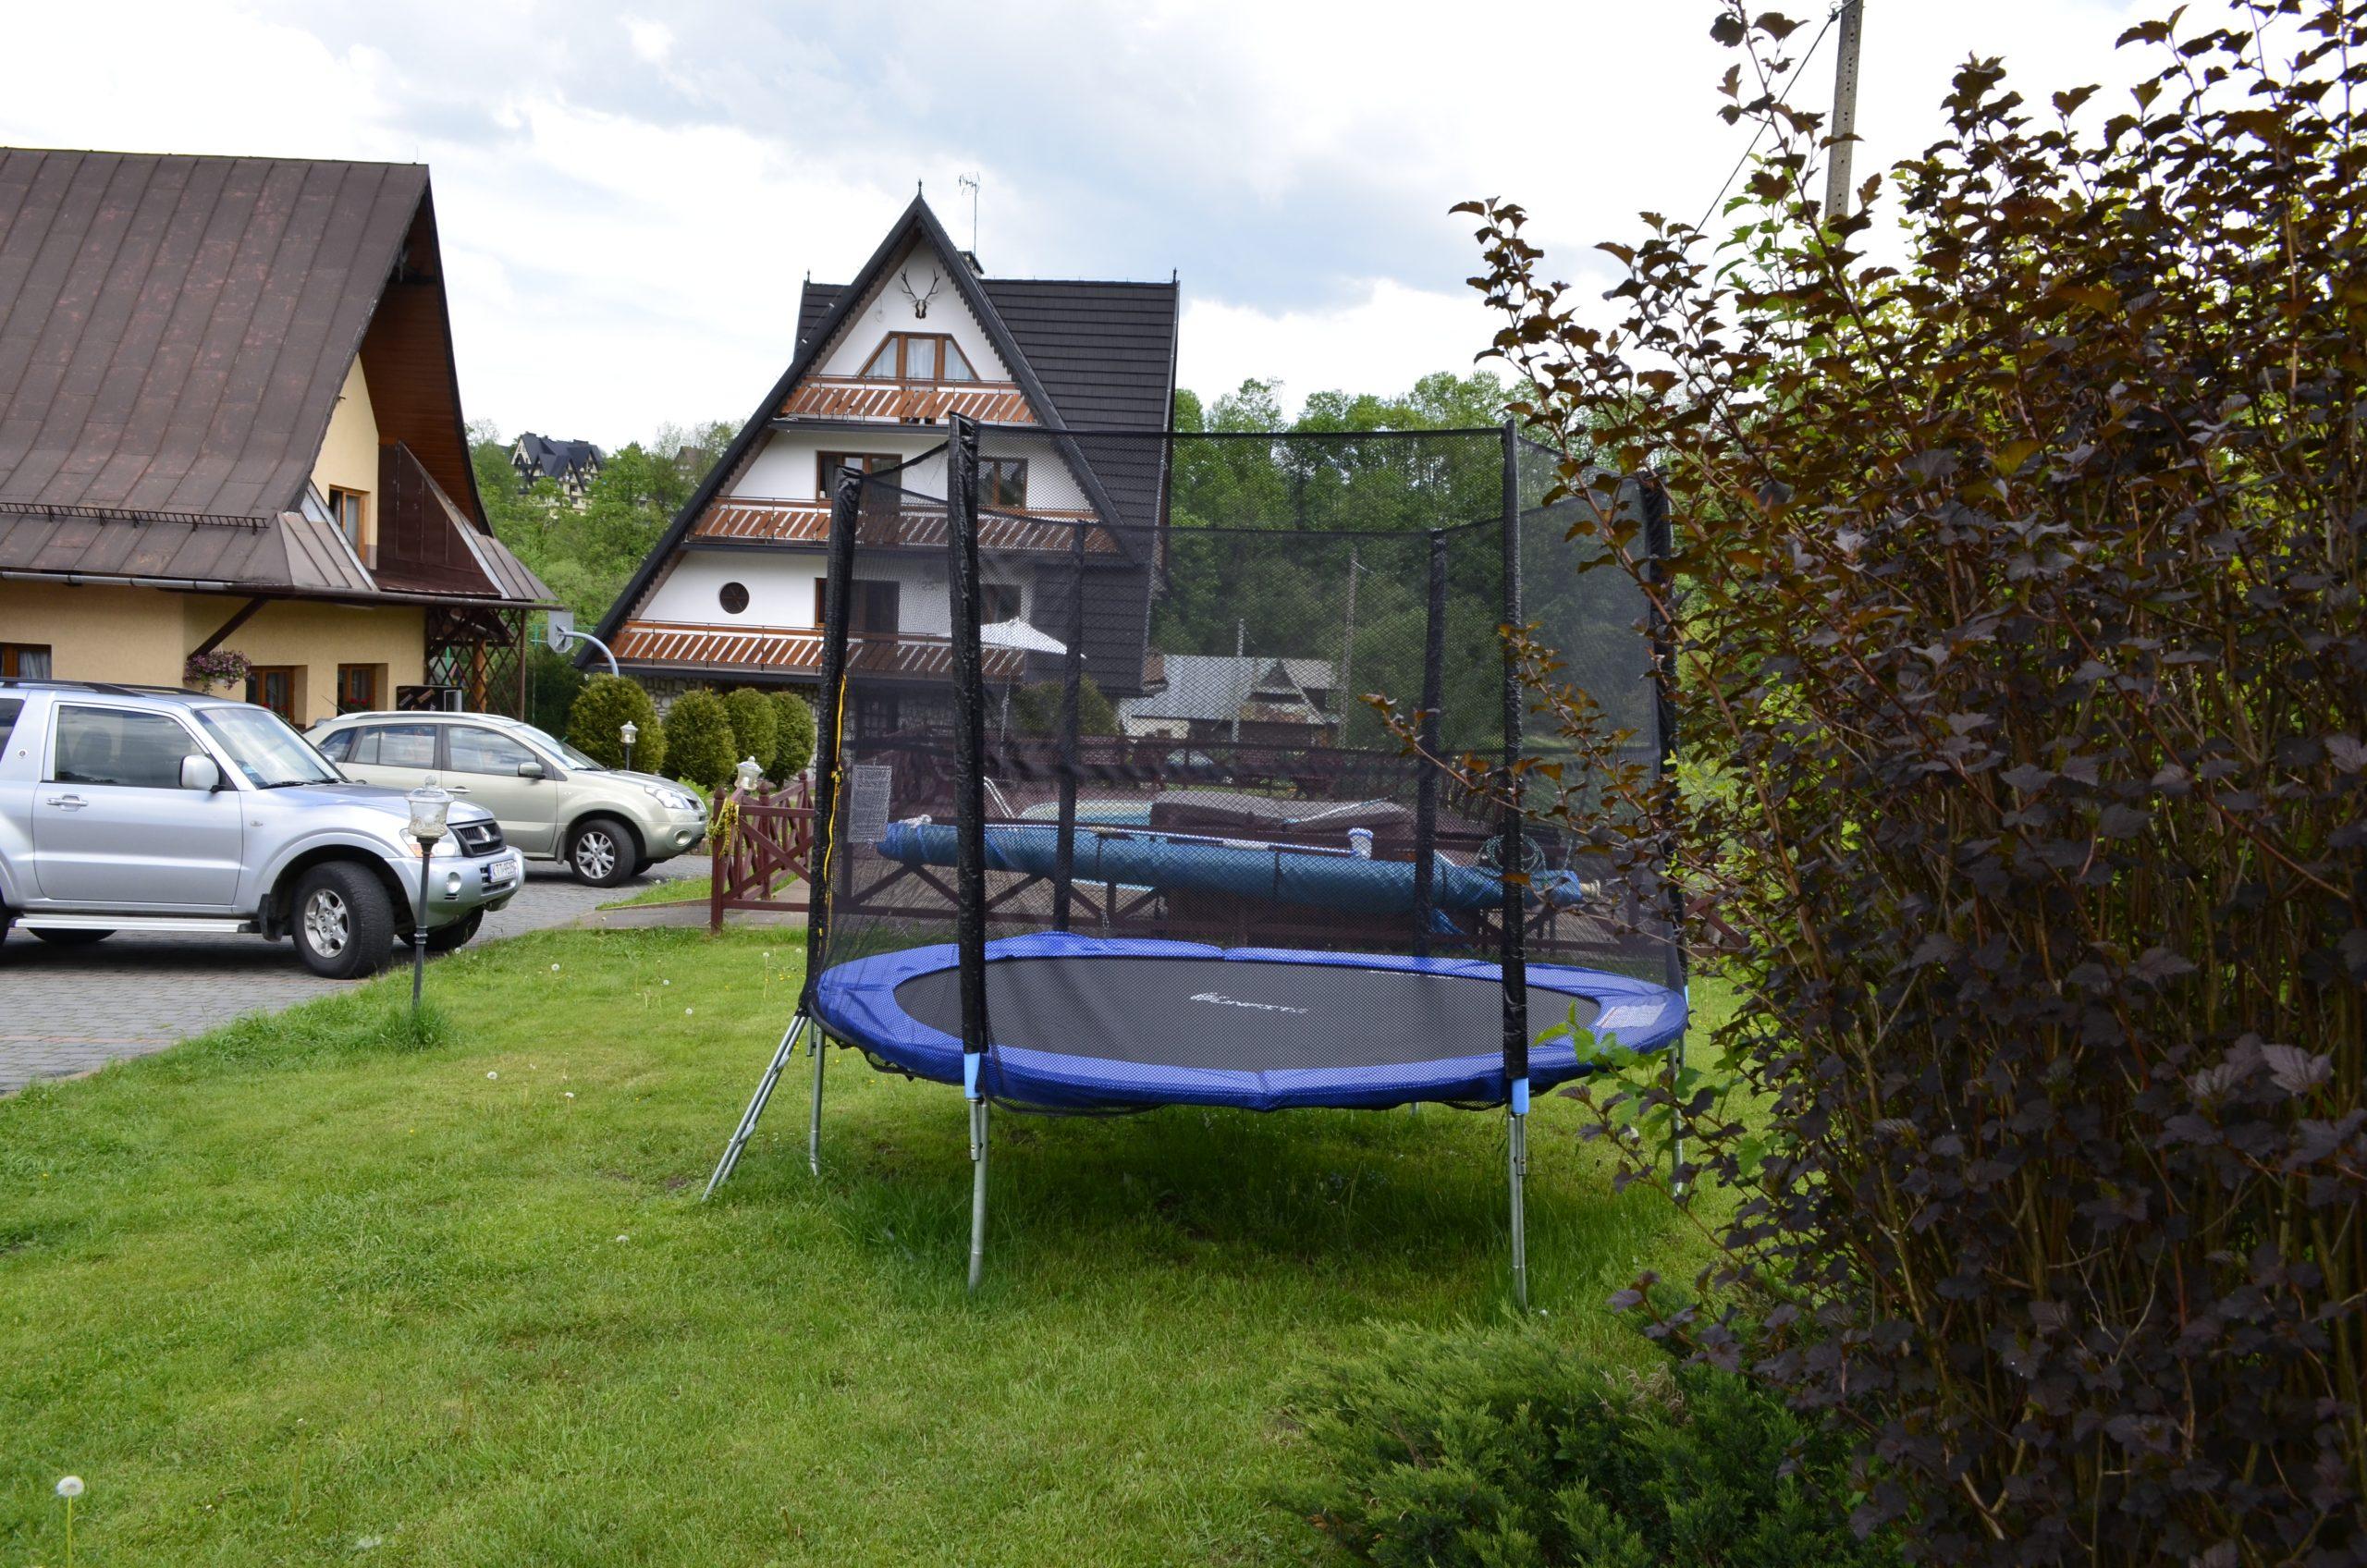 zakopane-atrakcje-dla-dzieci-willa-dla-dzieci-wakacje-trampolina-